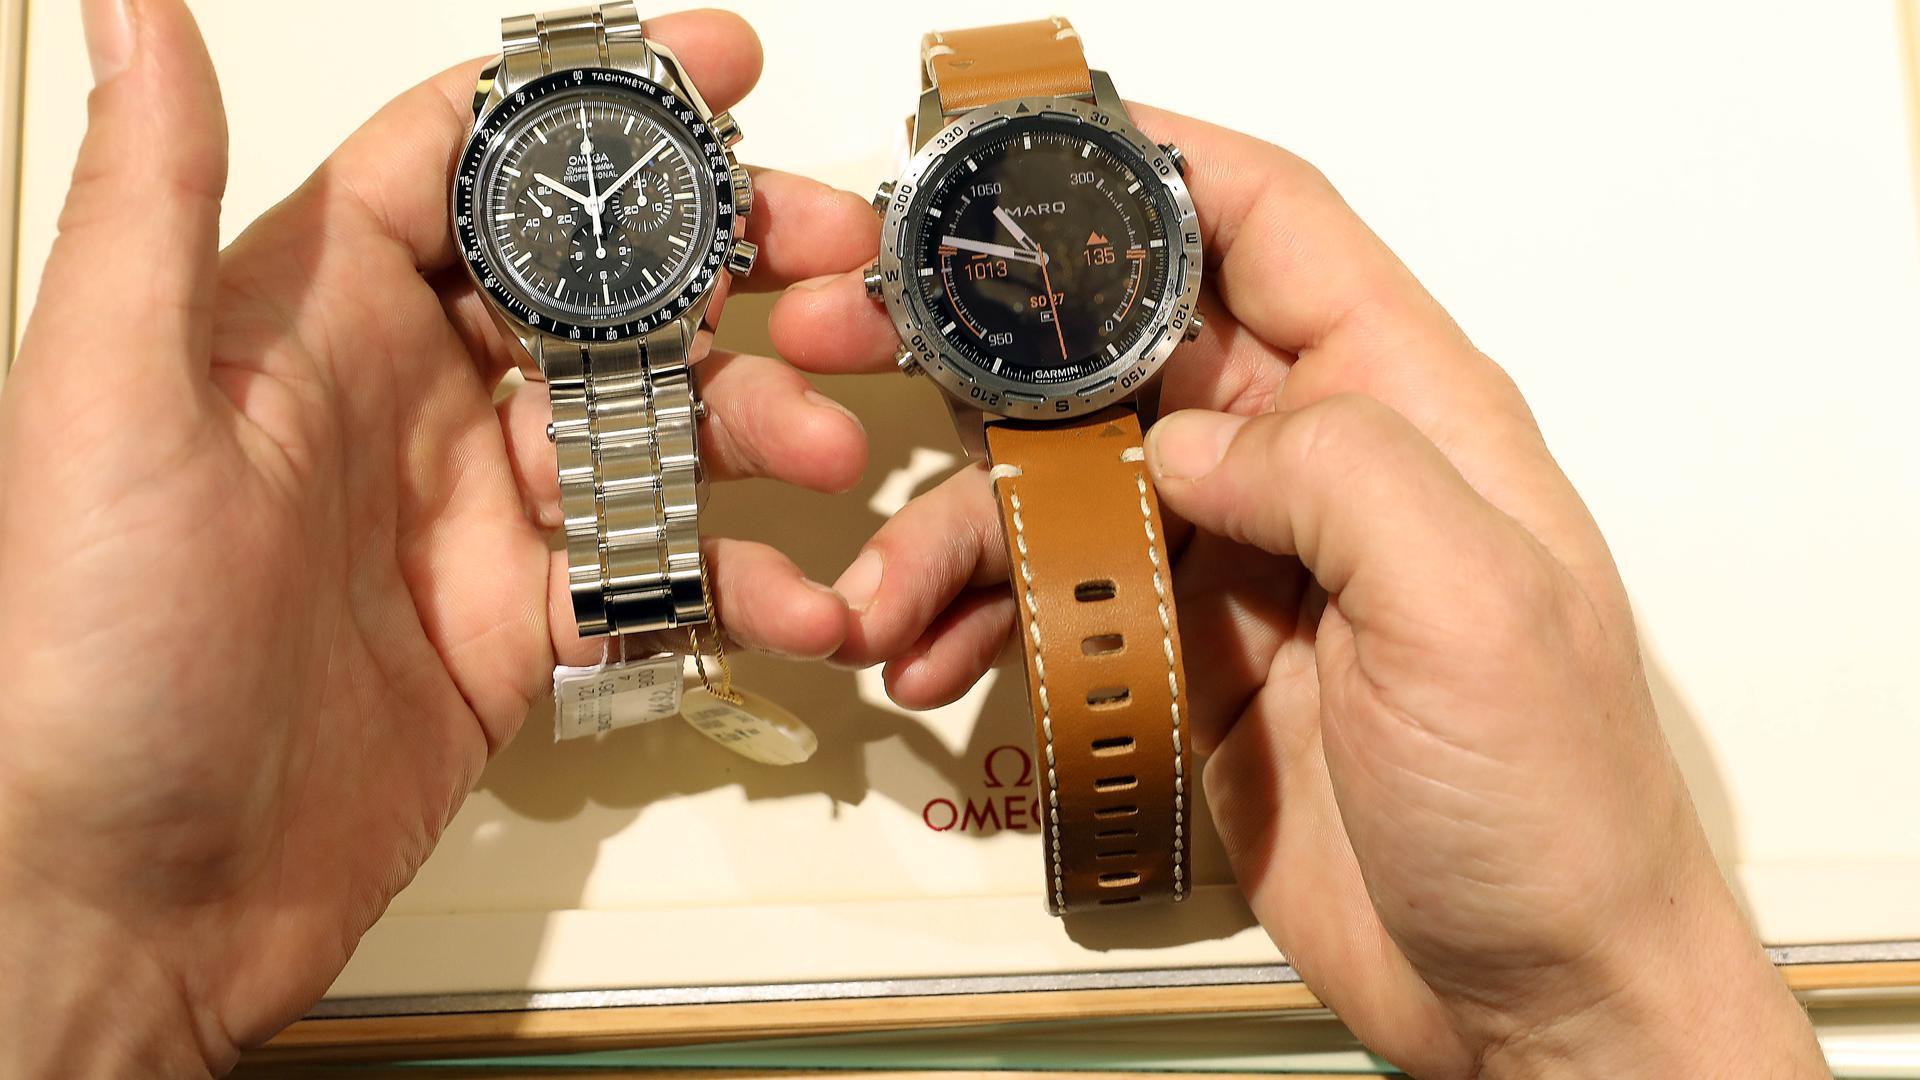 Ein Mann hält eine Smartwatch und eine klassische Armbanduhr in der Hand.